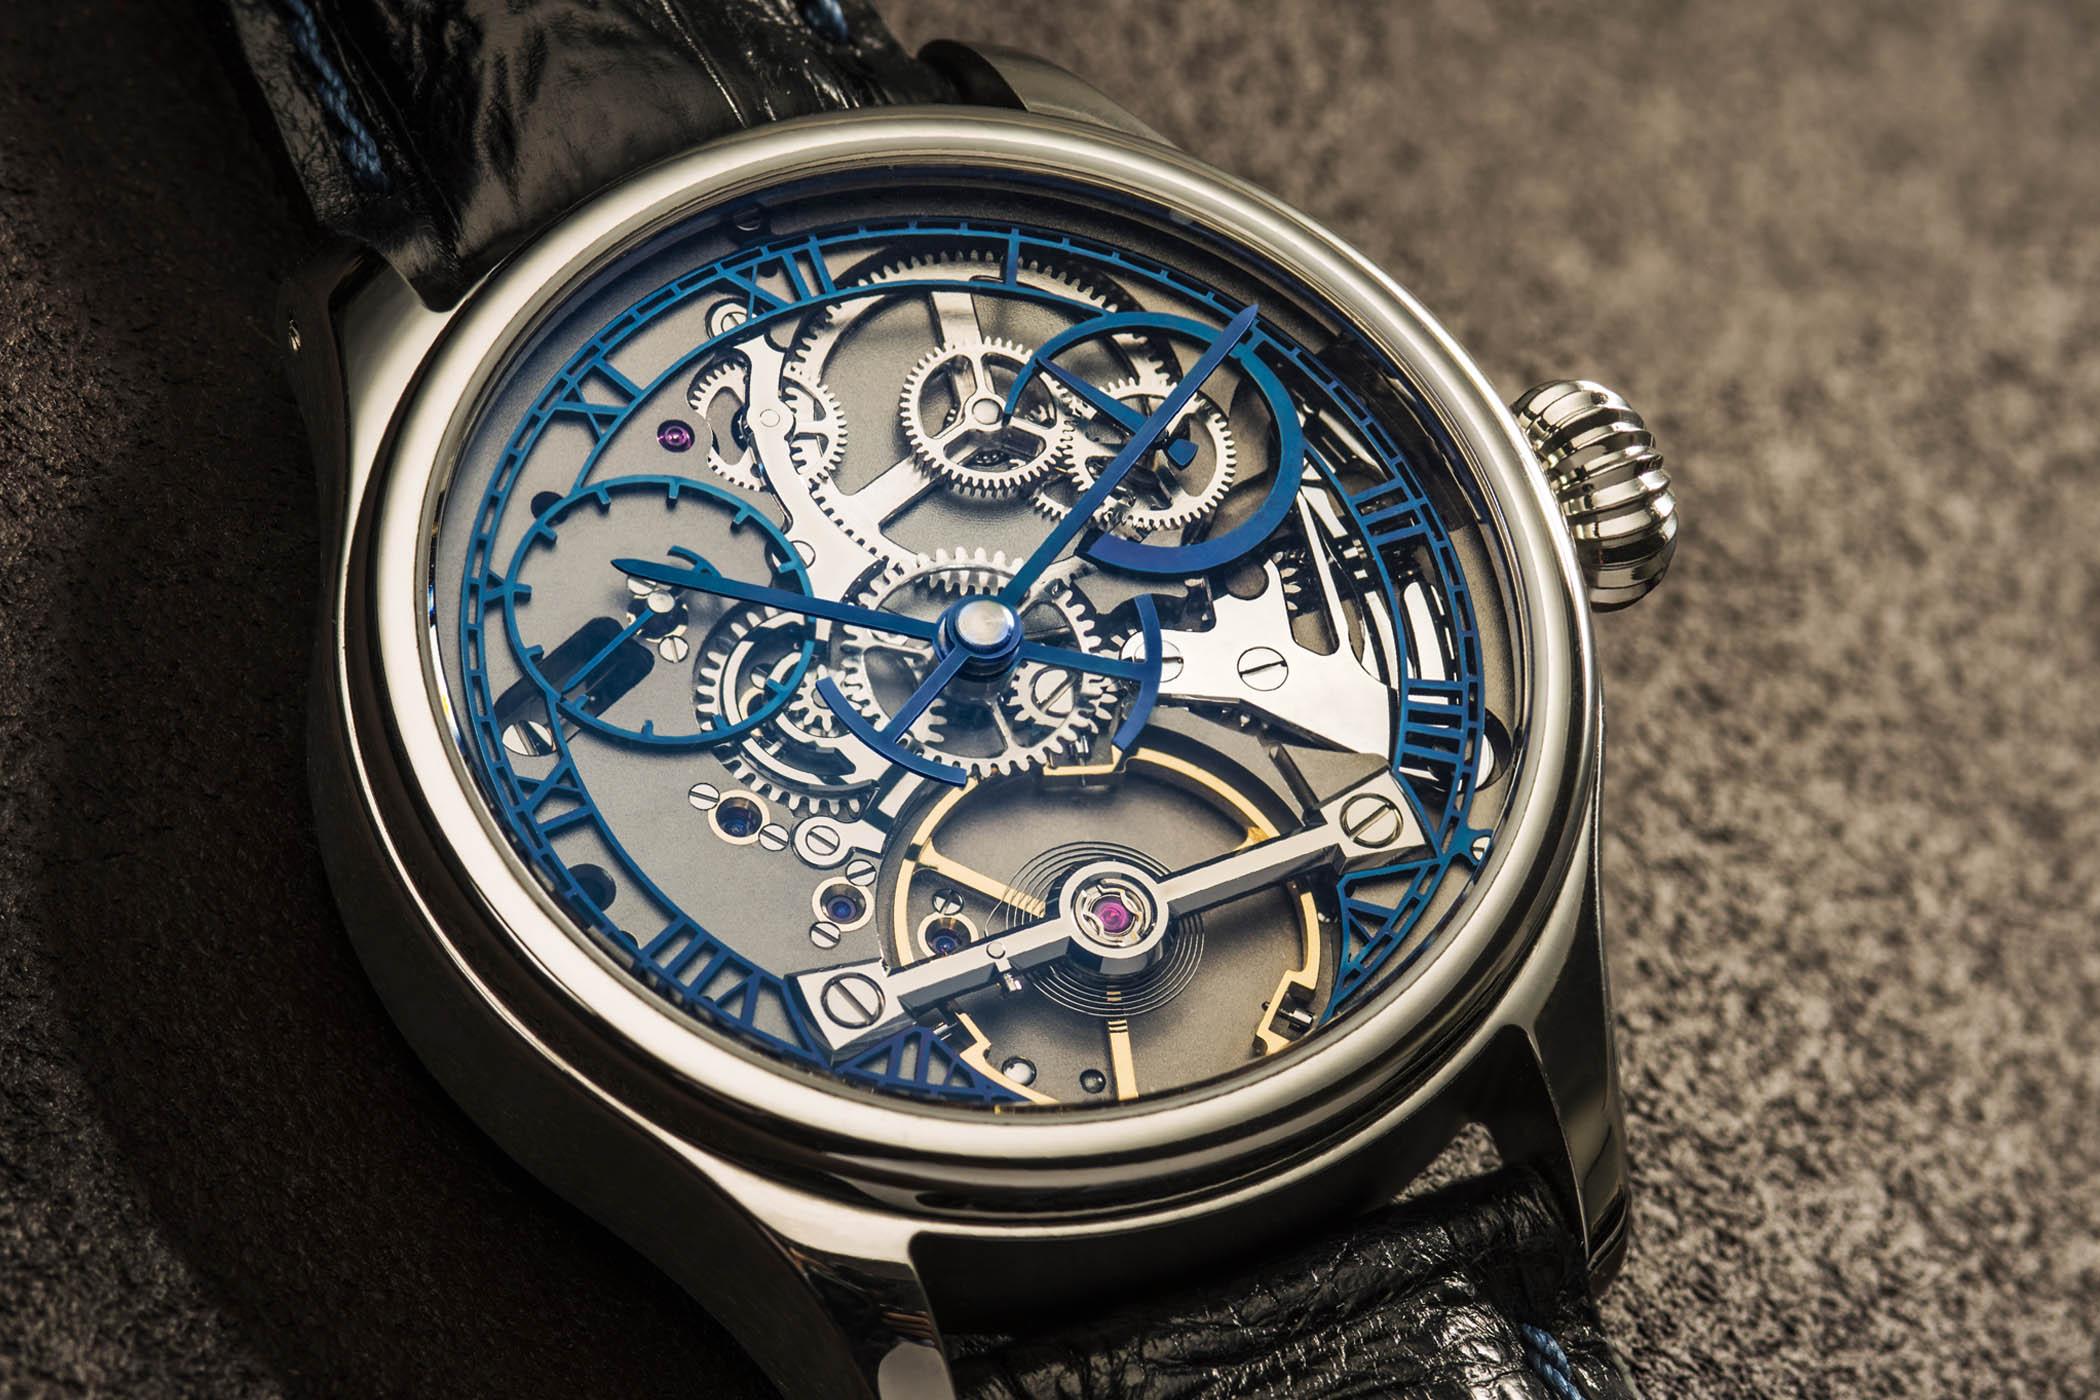 Garrick S3 English watchmaking